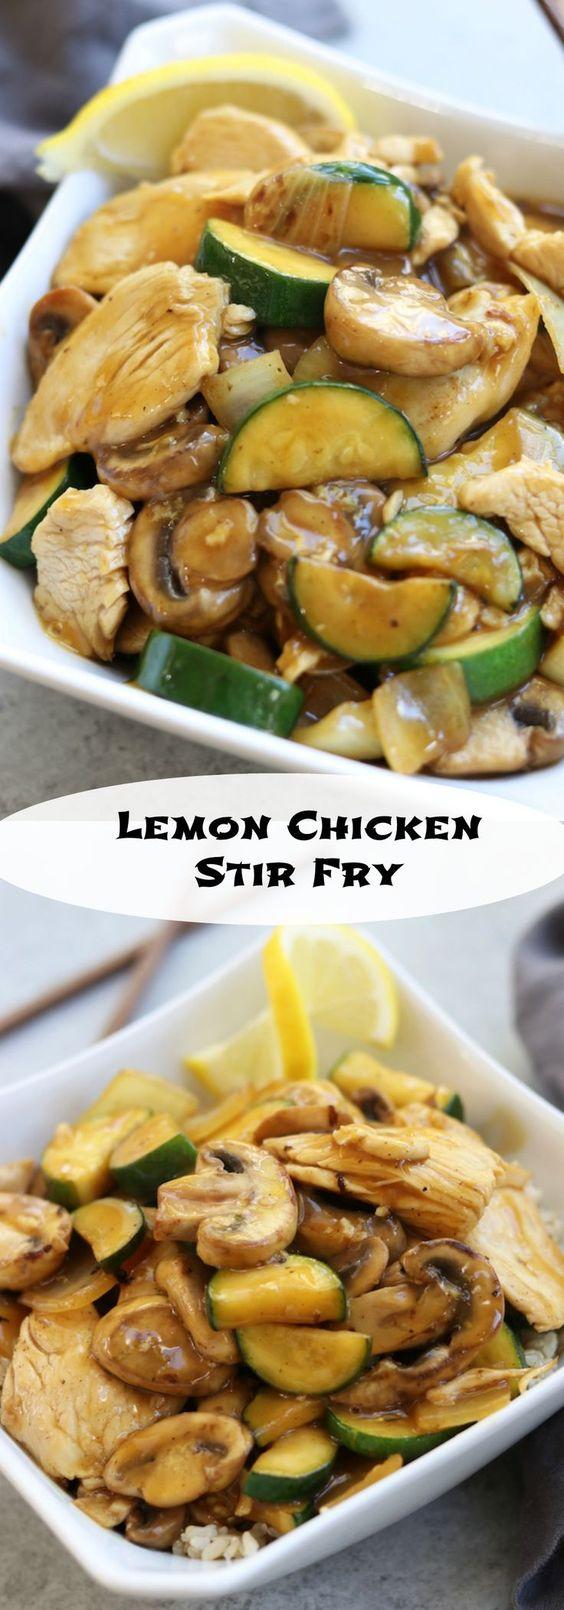 Lemon Chicken Stir Fry